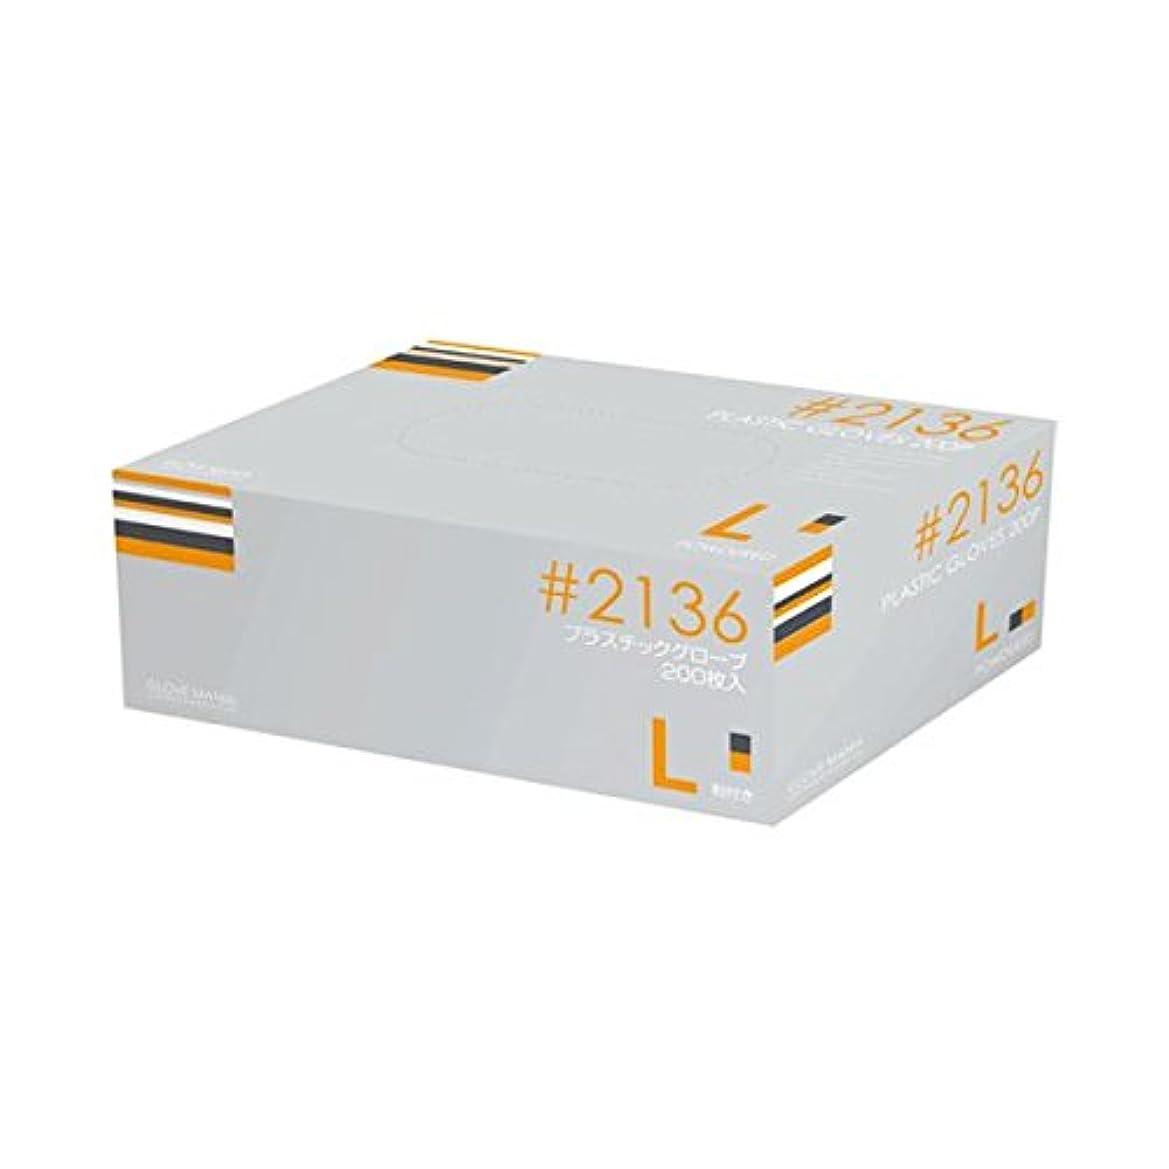 蓋おとなしいコジオスコ川西工業 プラスティックグローブ #2136 L 粉付 15箱 ダイエット 健康 衛生用品 その他の衛生用品 14067381 [並行輸入品]